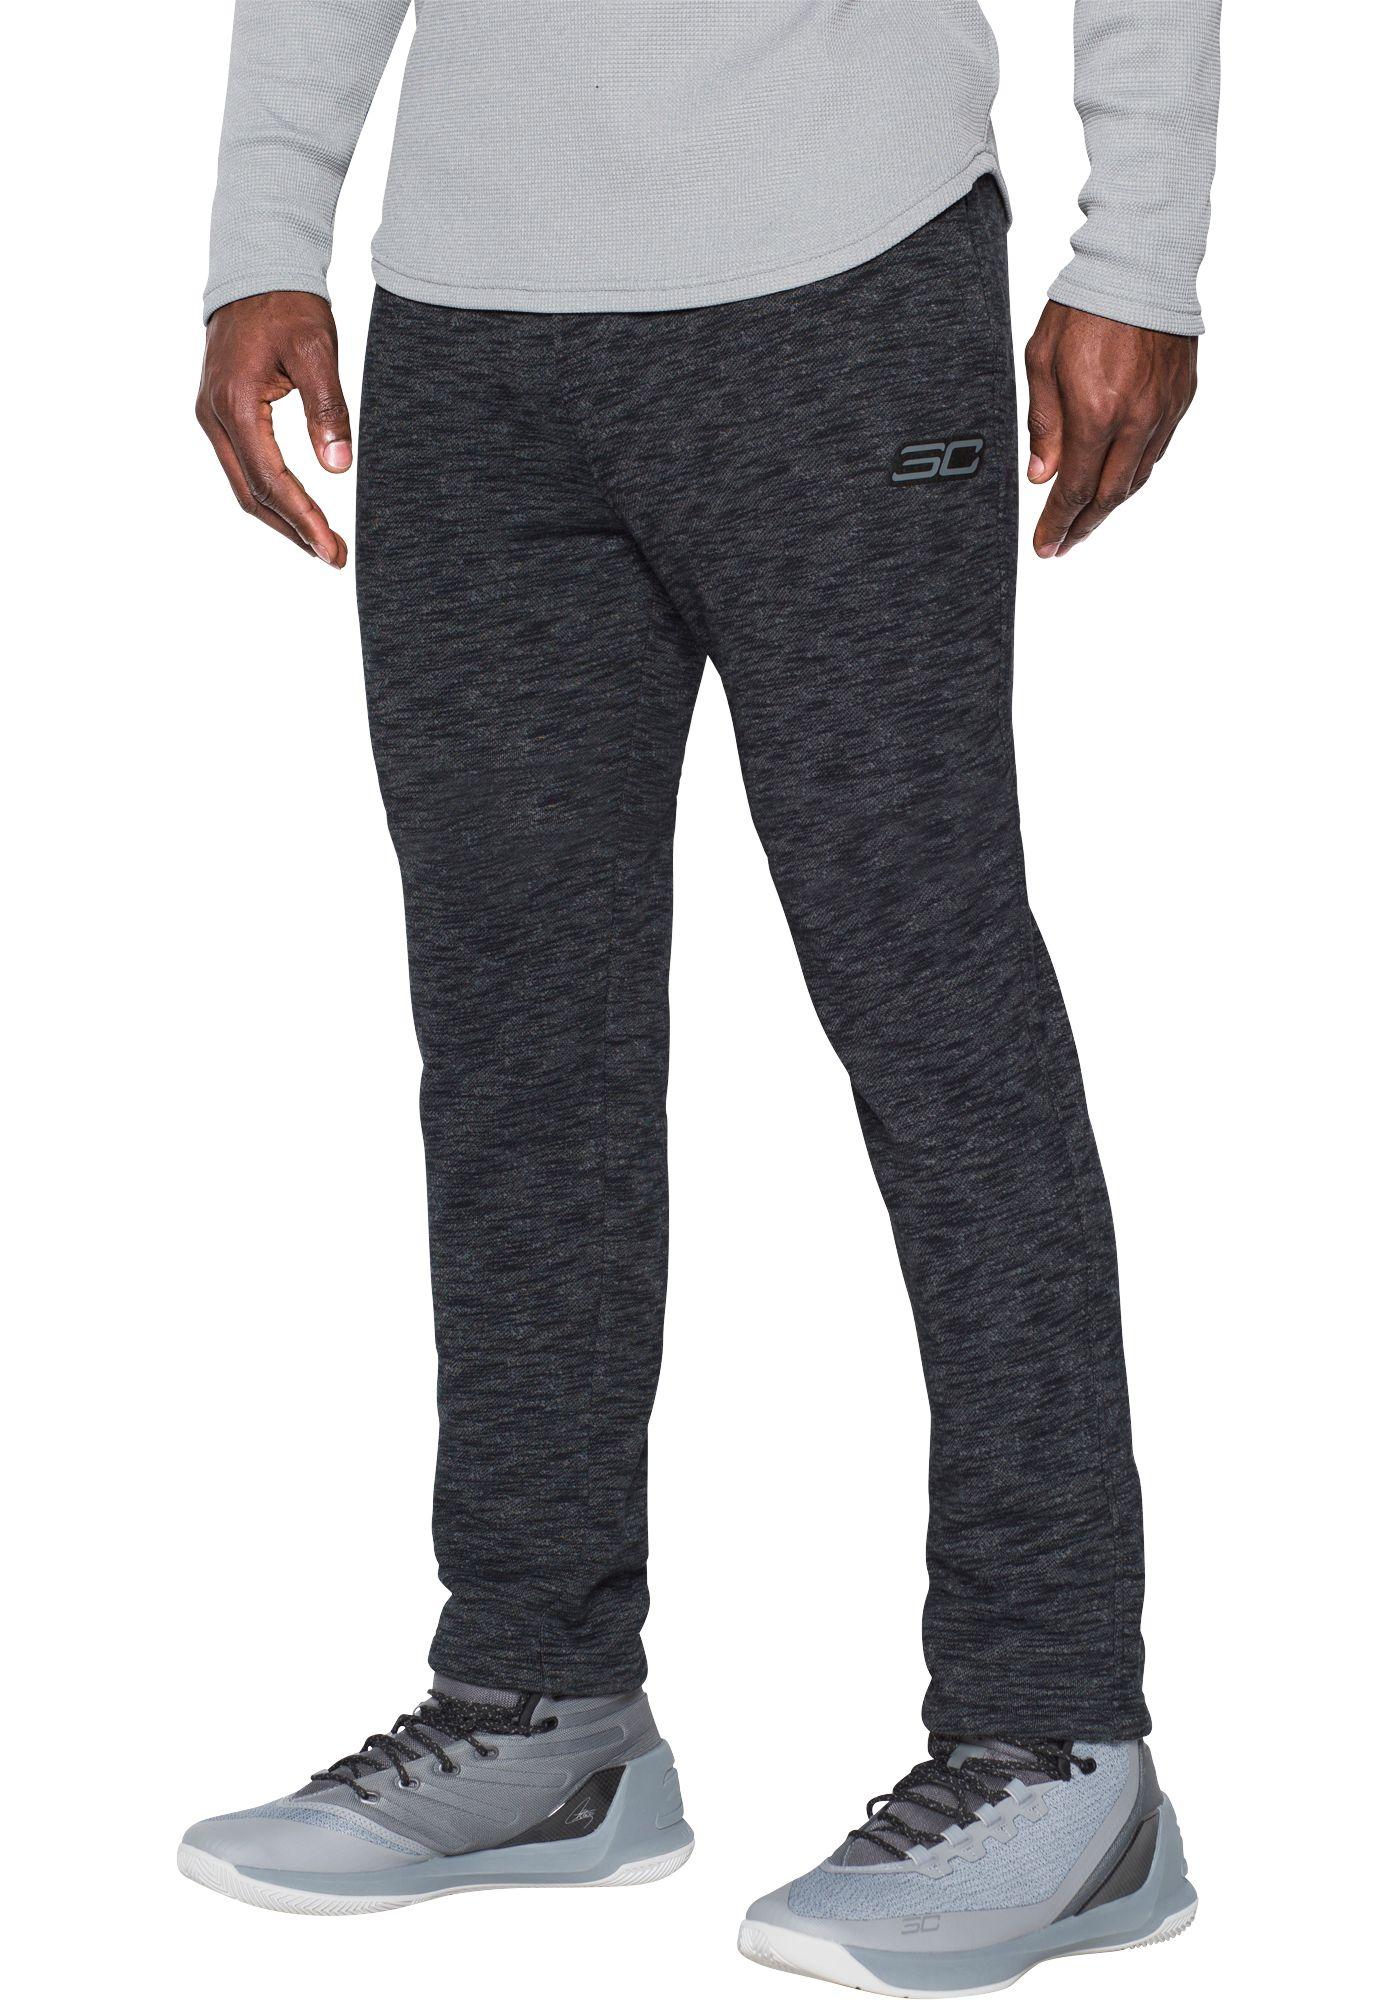 Under Armour Men's SC30 Essentials Warm Up Pants